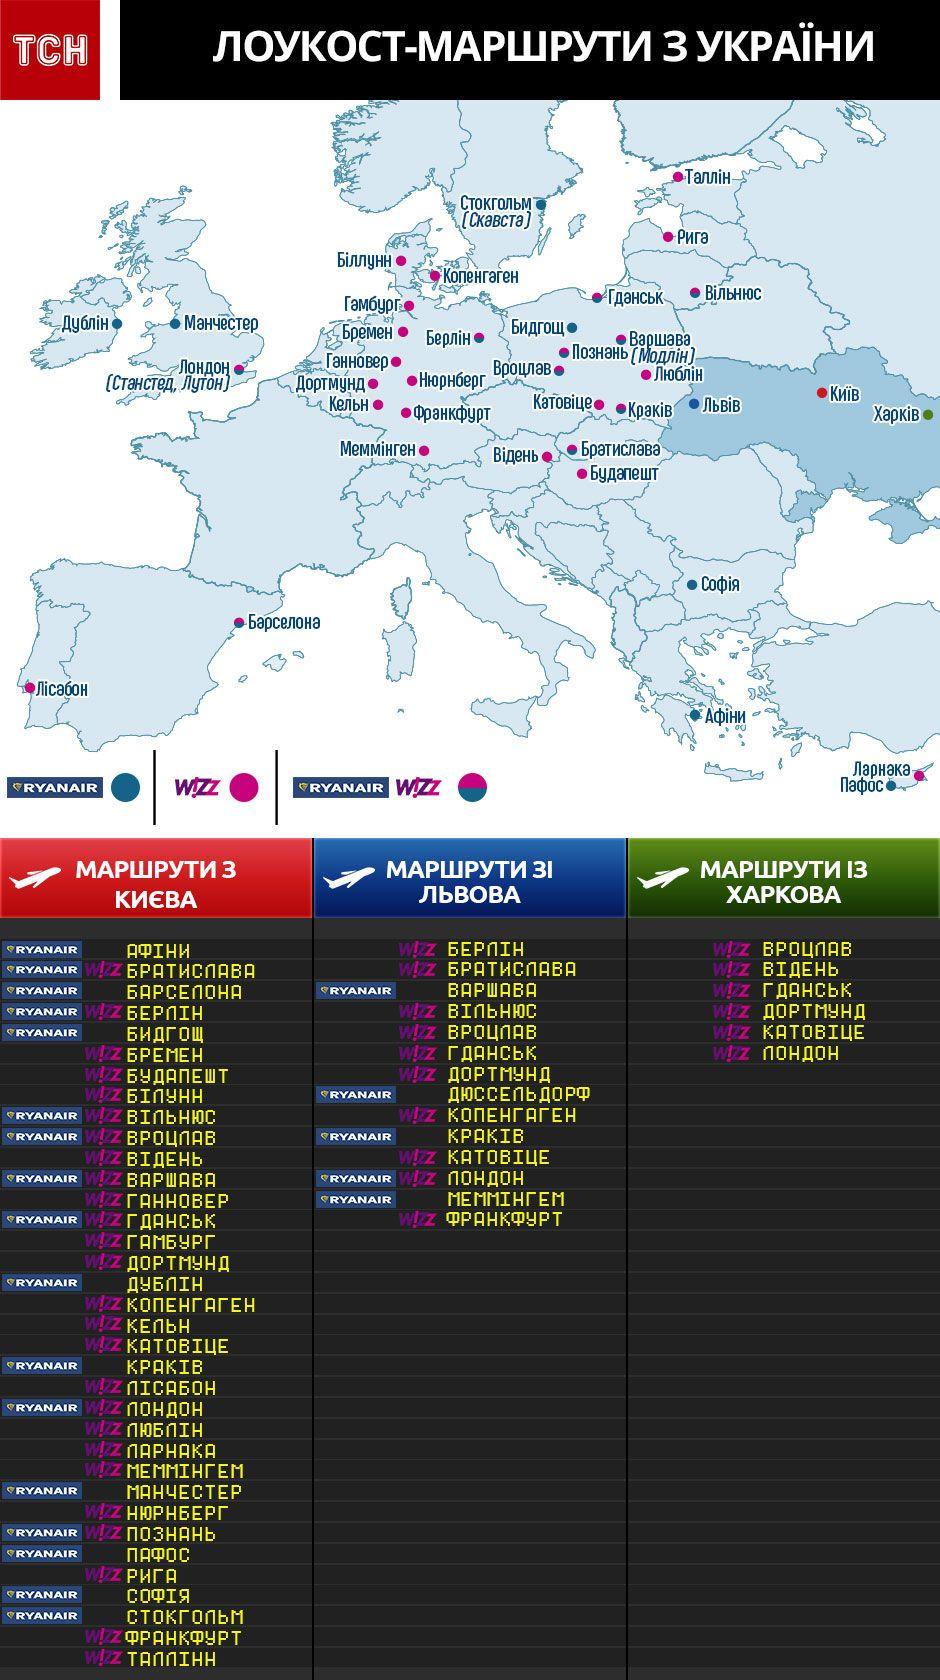 Ryanair. Wizz Air, Інфографіка